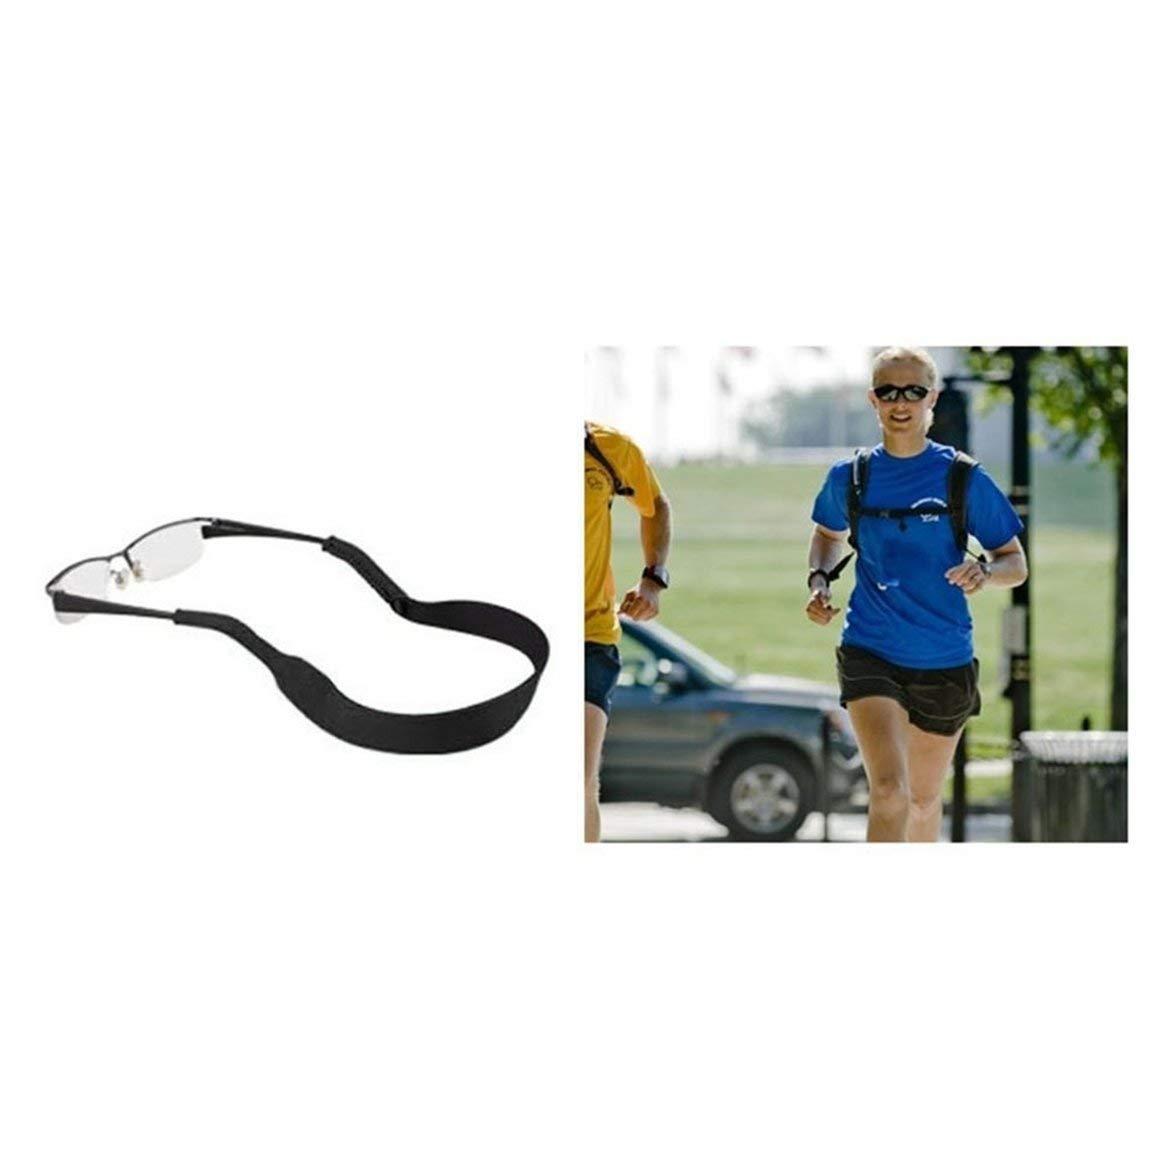 Kongqiabona Sonnenbrillen Neoprenband Vintage Solider Brillenb/ügel Brillengl/äser Neopren Stretchy Band Universal Sonnenbrillen Cord String Halter Seil